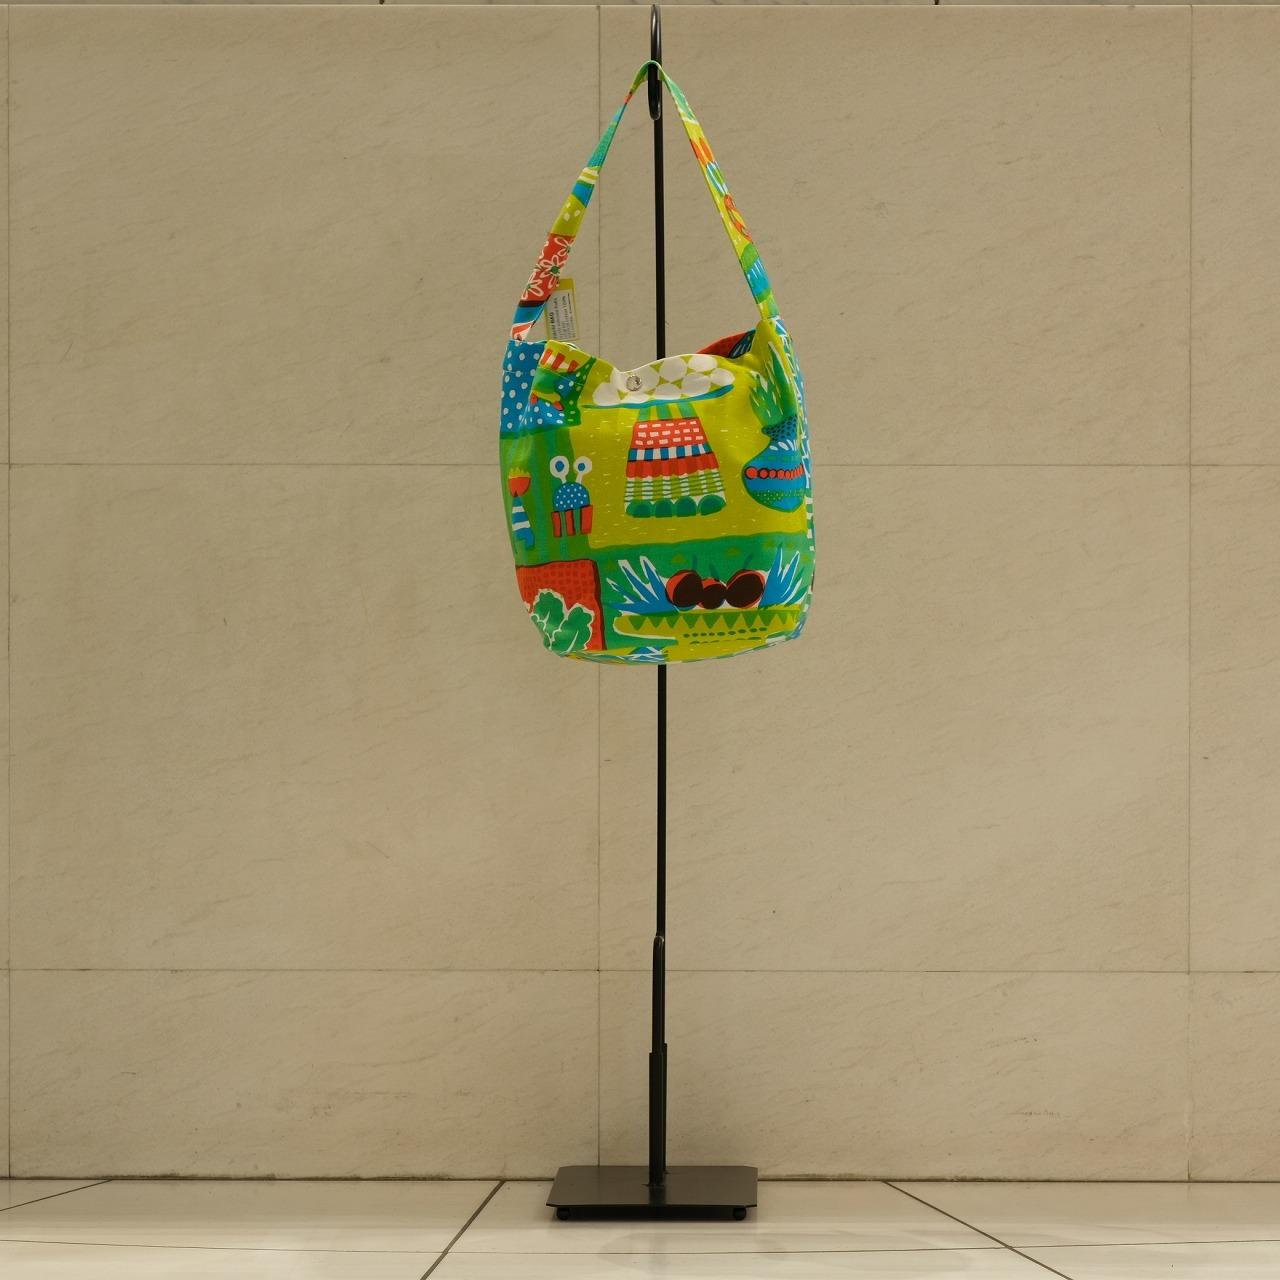 炭酸デザイン室 オンライン展示会 マチバッグ_d0182409_16533692.jpg